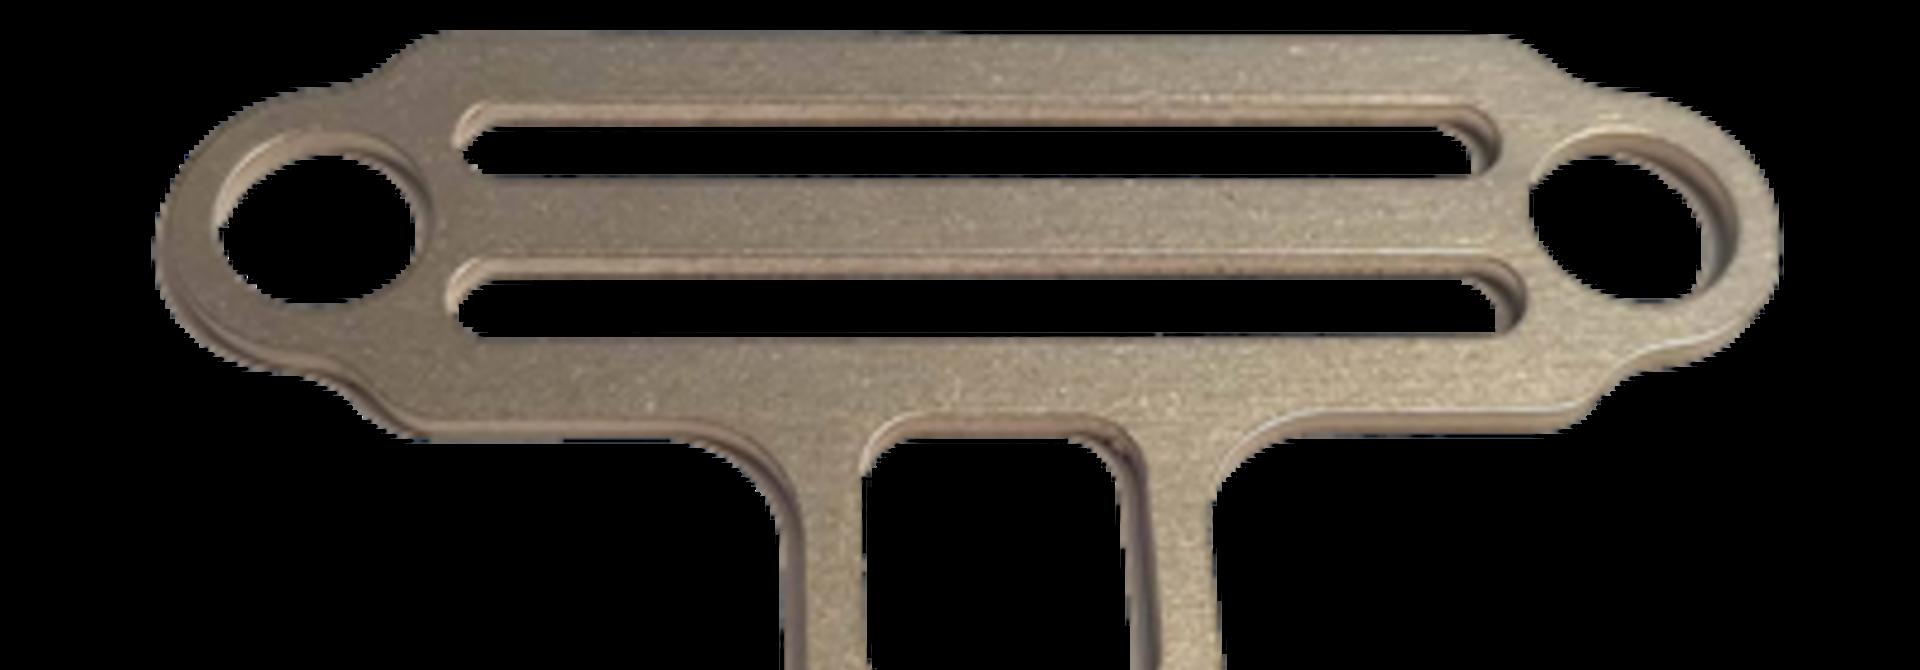 Sidemount Bungee tri-glide 2 ogen/torch houder